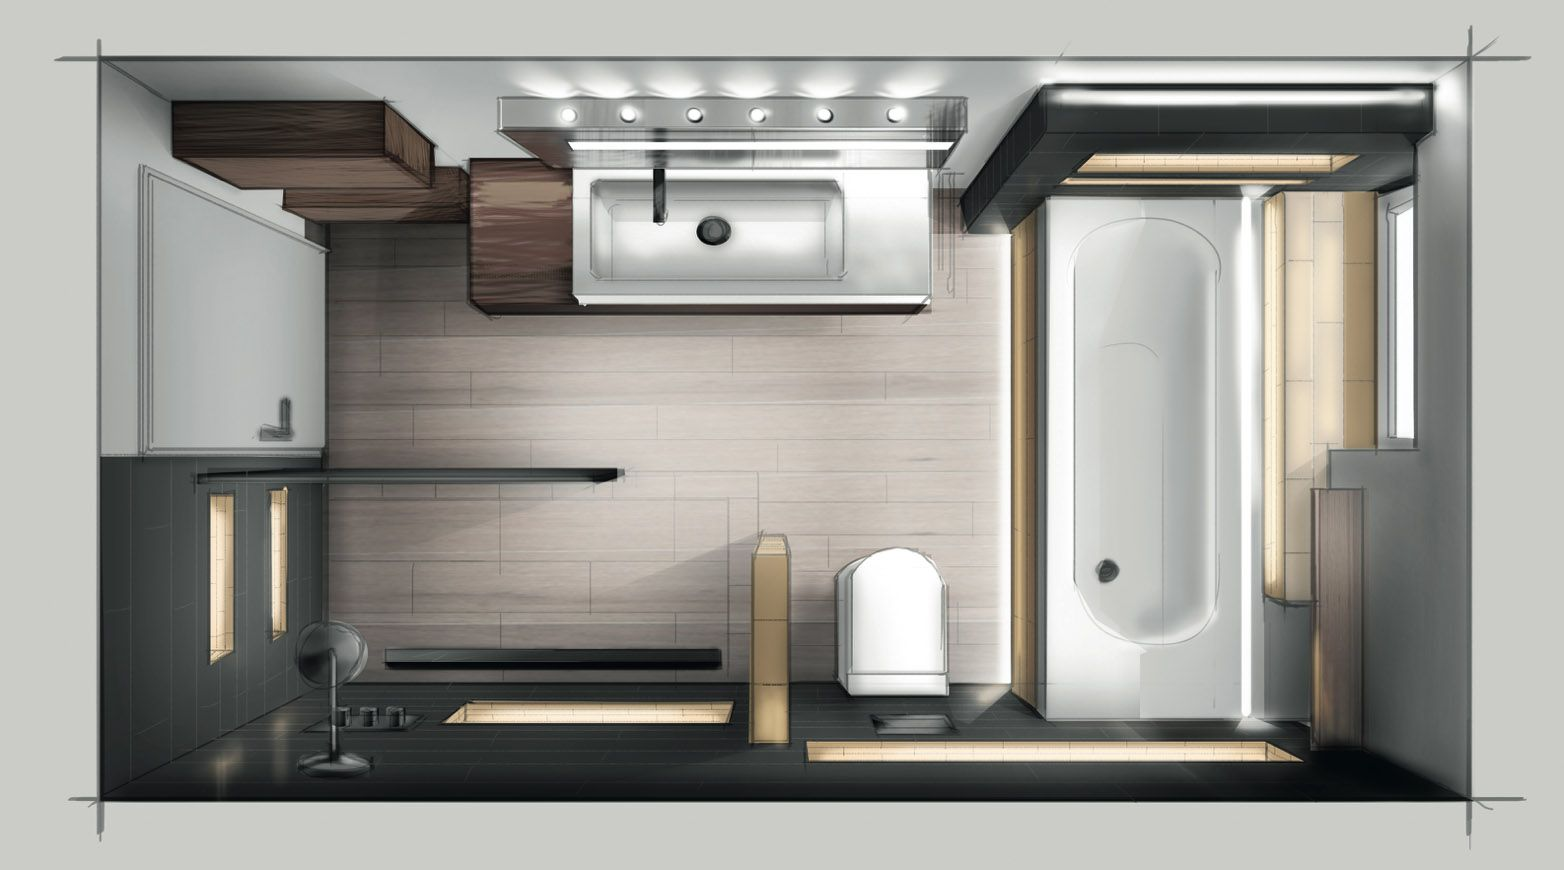 Badezimmerplaner Kostenlos ~ Kleine bäder grundrisse badgestaltung bäder mit badewanne foto